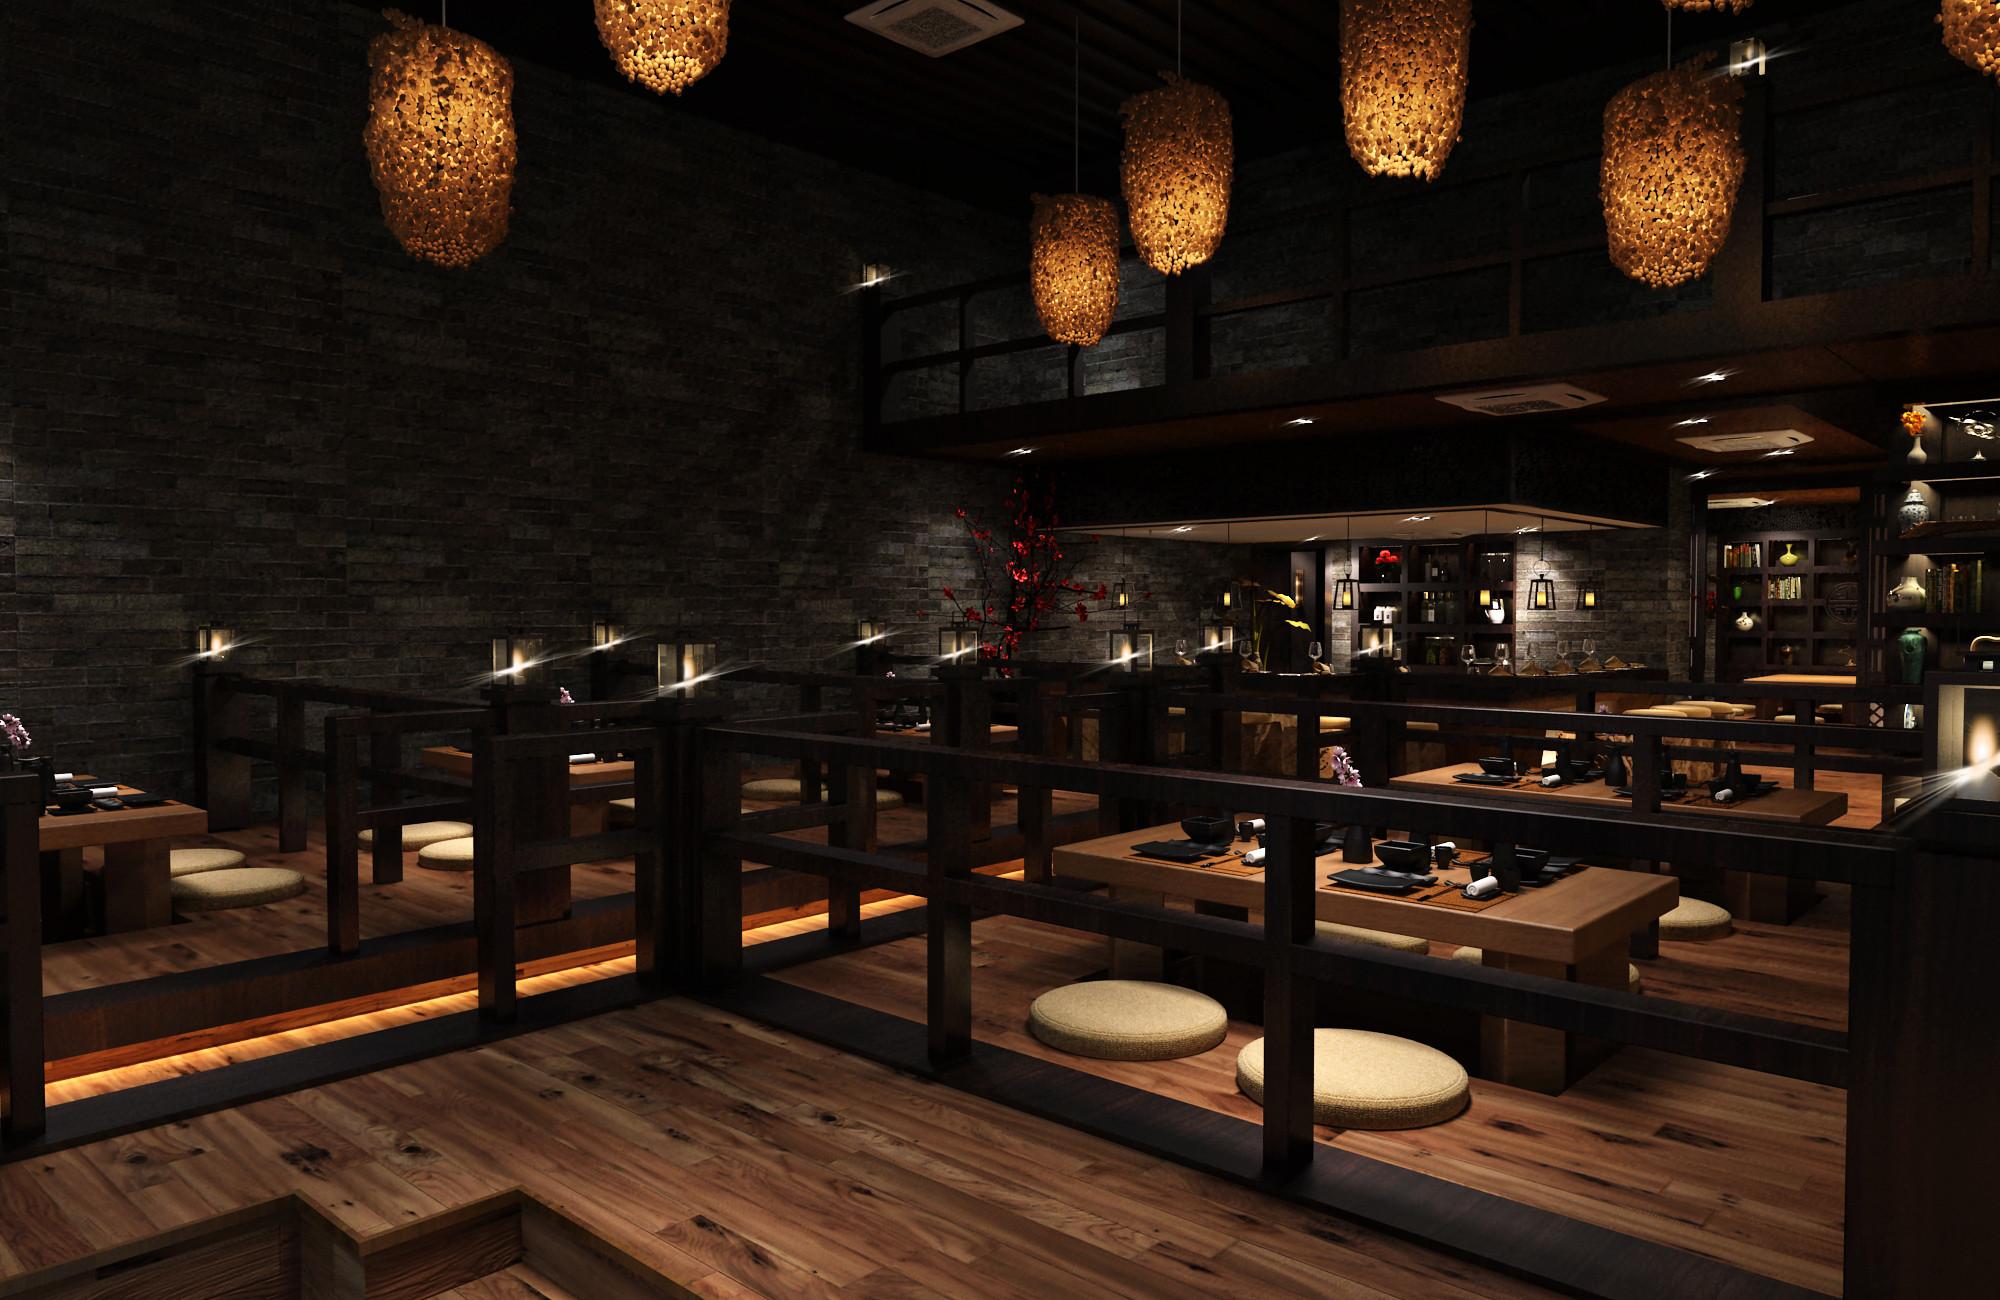 日式风格餐厅装修榻榻米设计